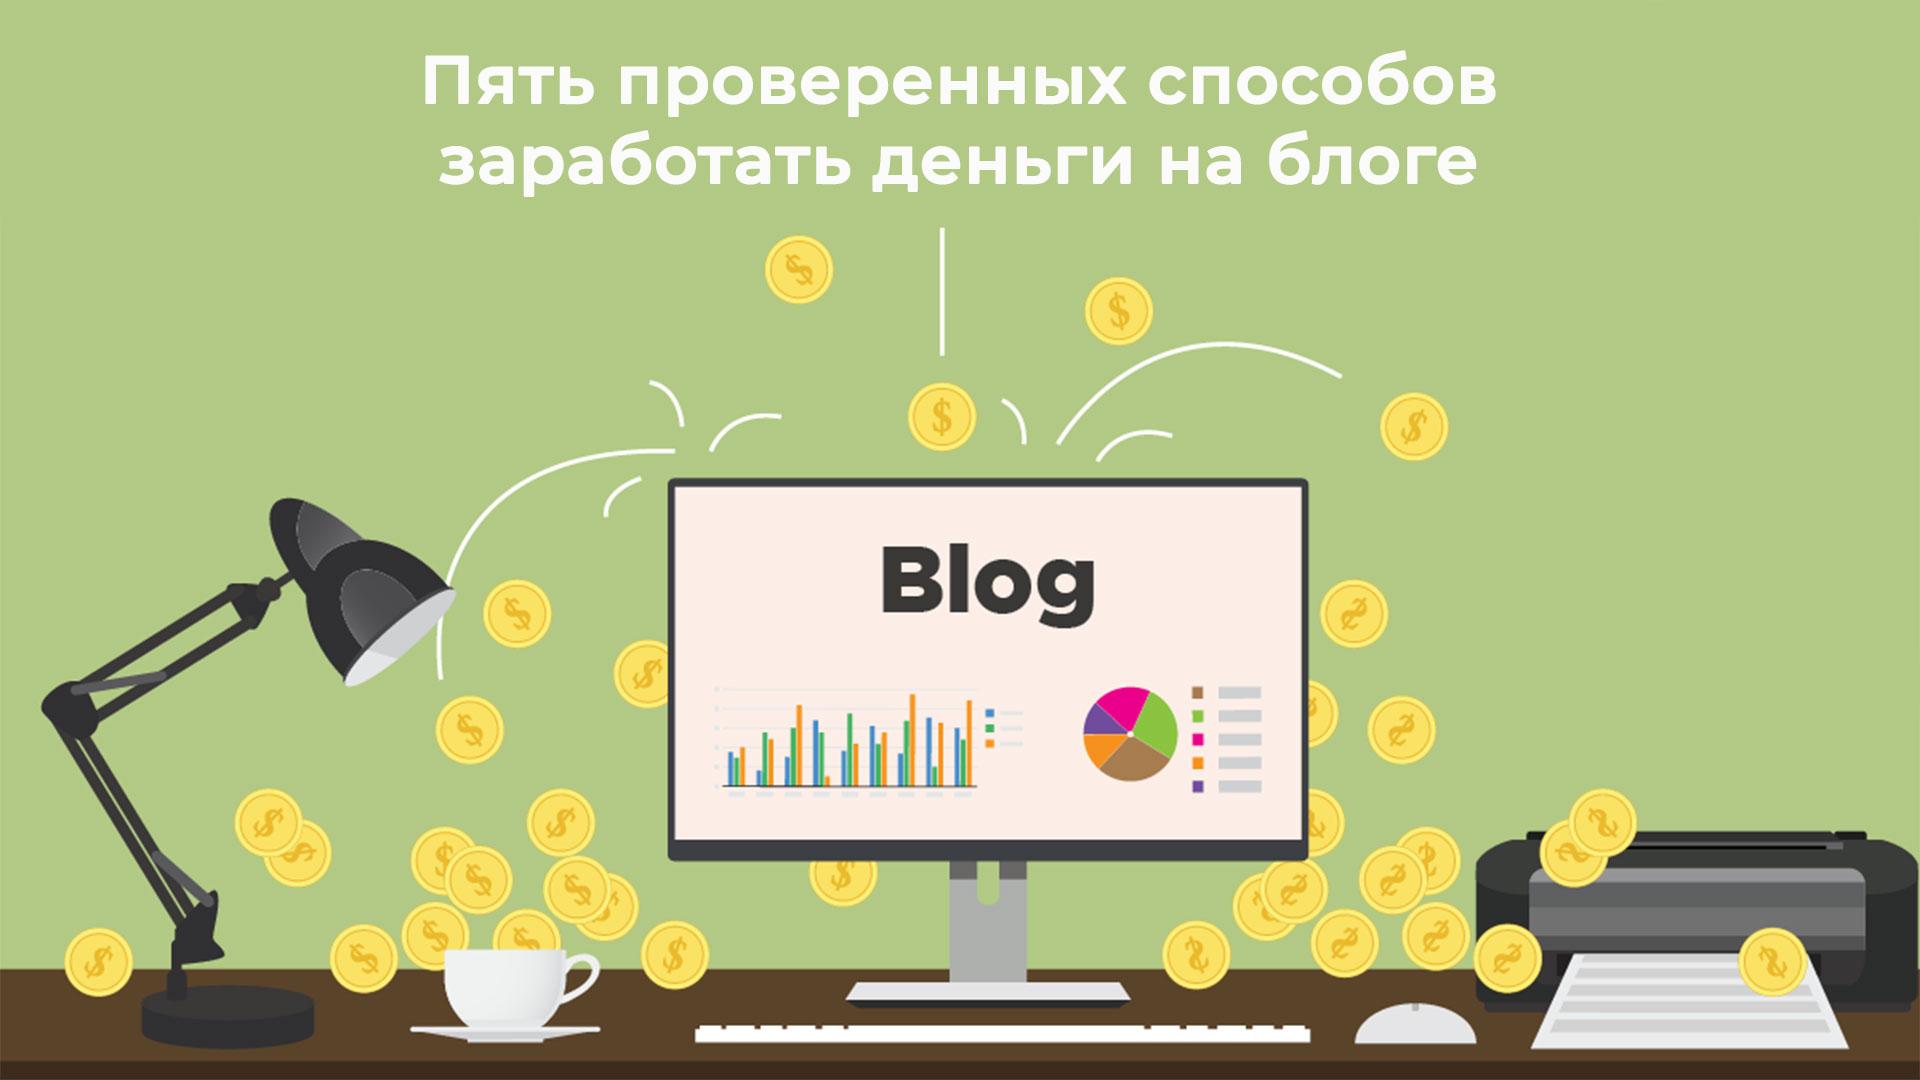 Как заработать деньги на блогах в интернете сбербанк вклады для пенсионеров на 2016 год онлайн процентные ставки